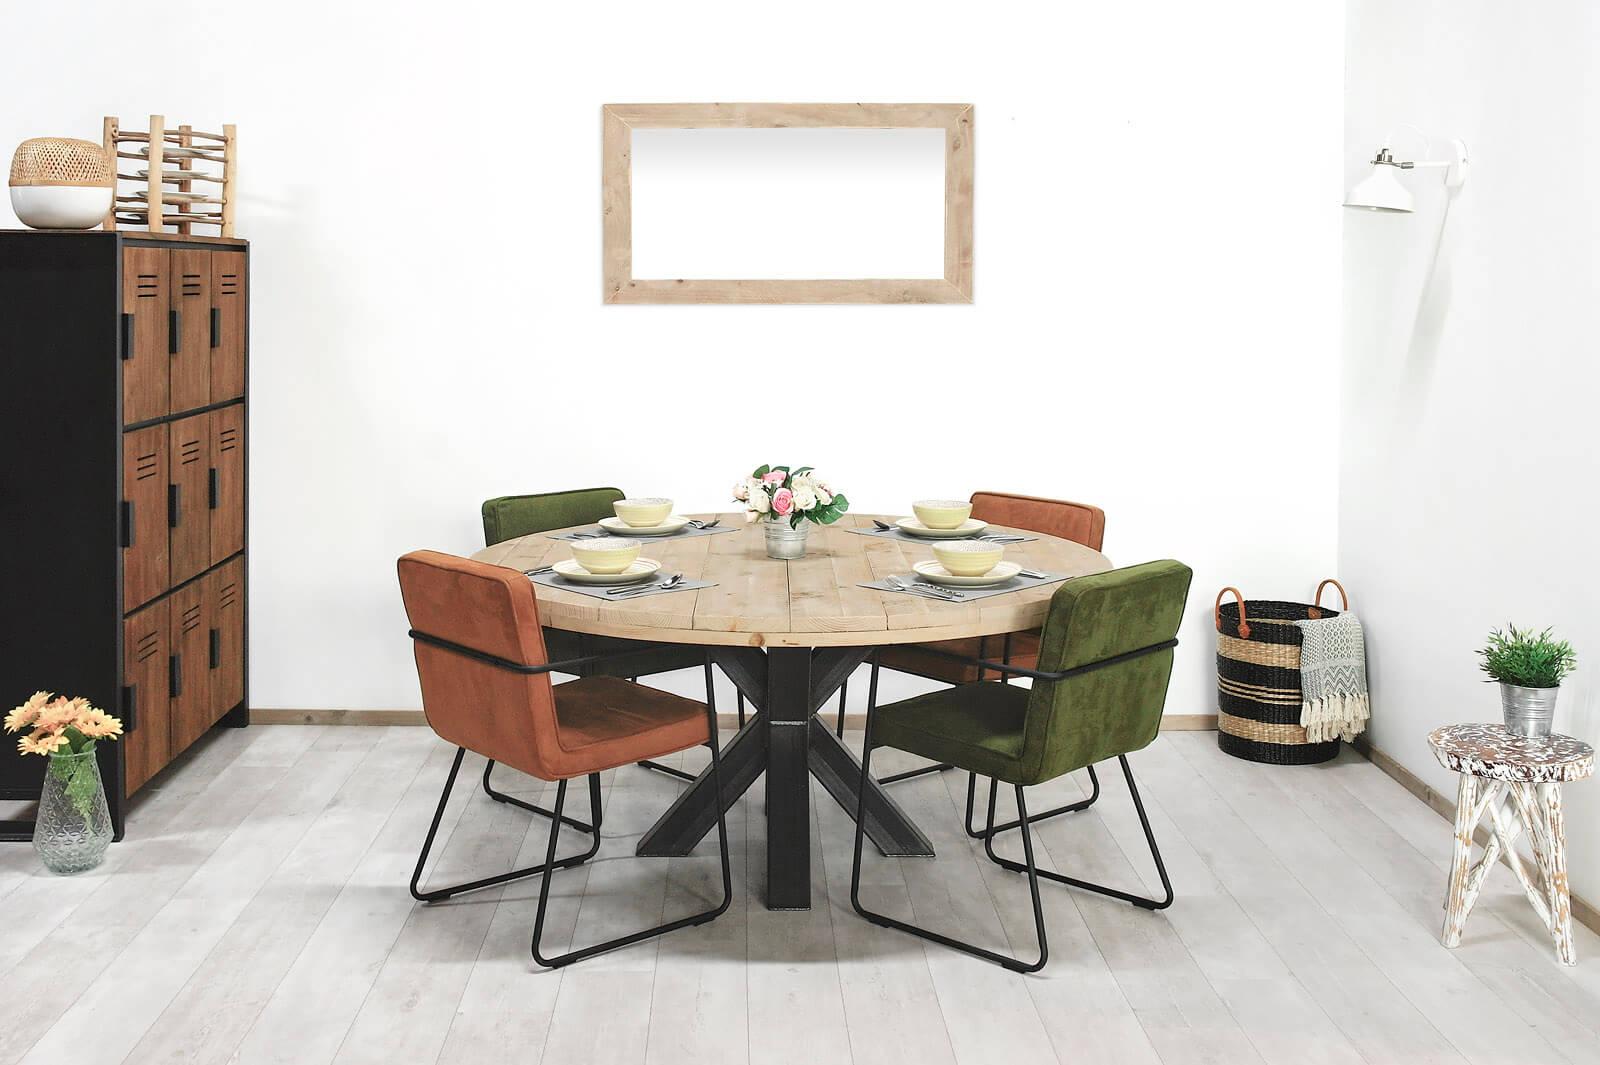 Steigerhouten industriële tafel Kona